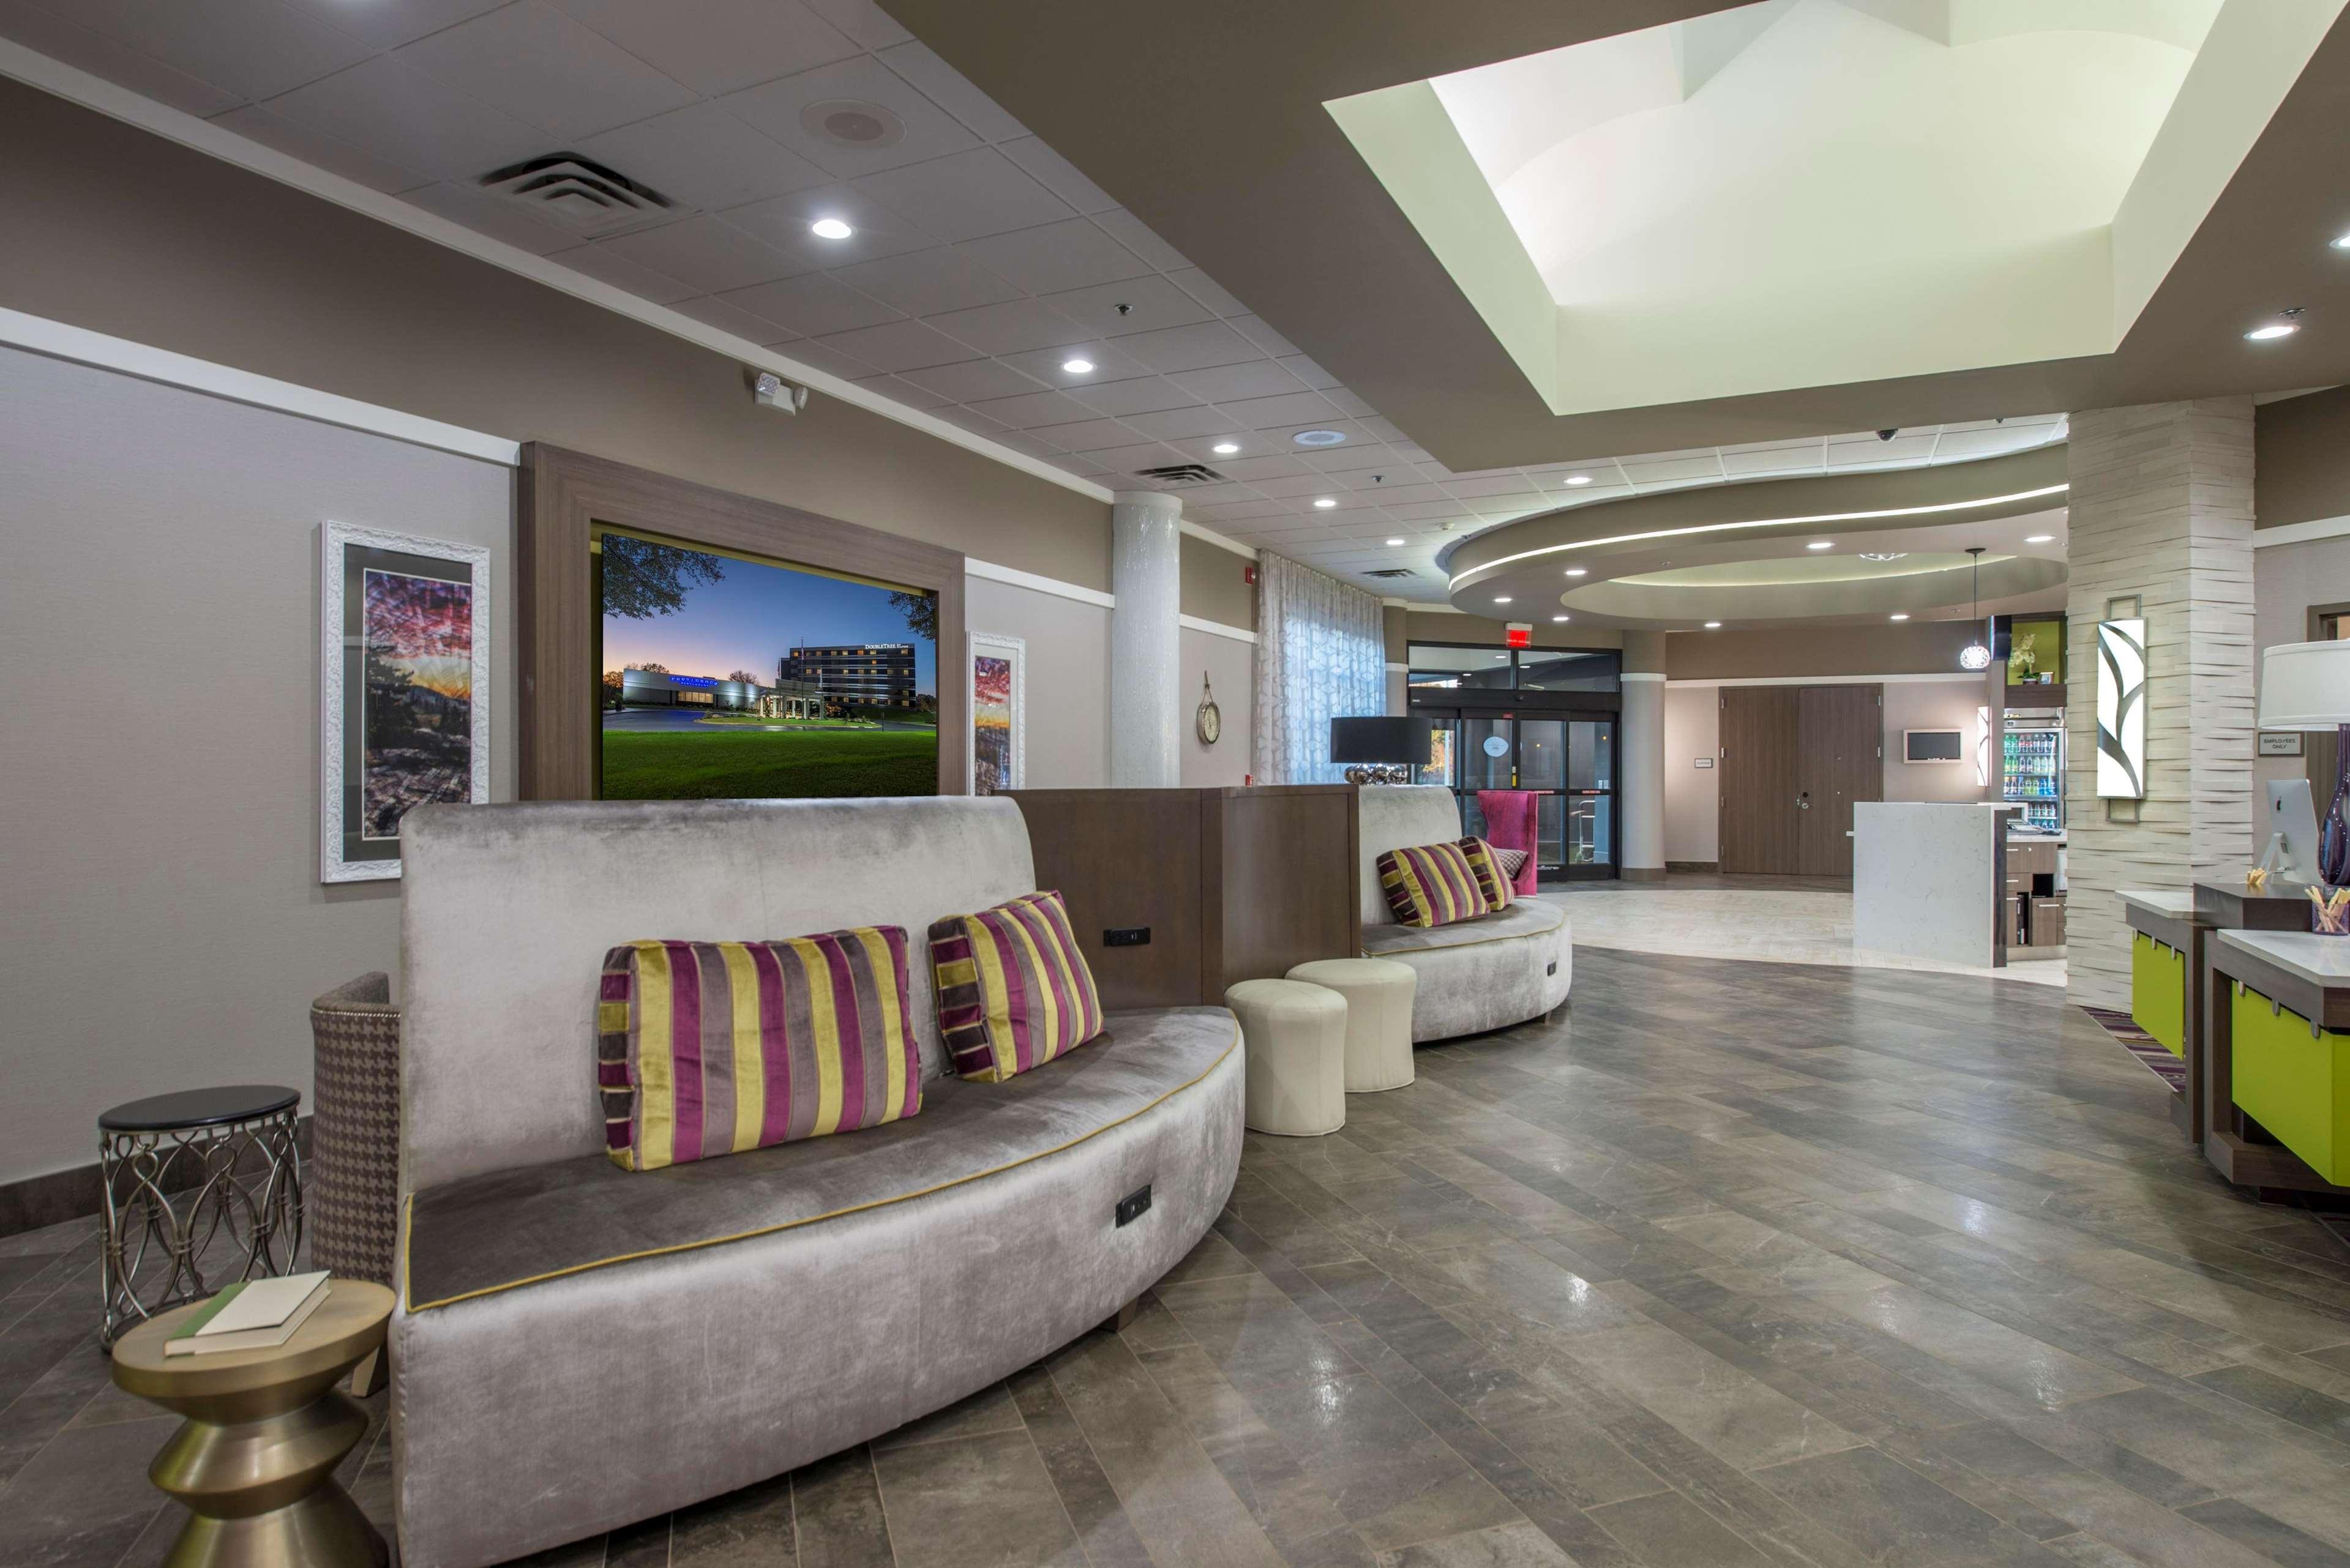 DoubleTree by Hilton Hotel Winston Salem - University image 11